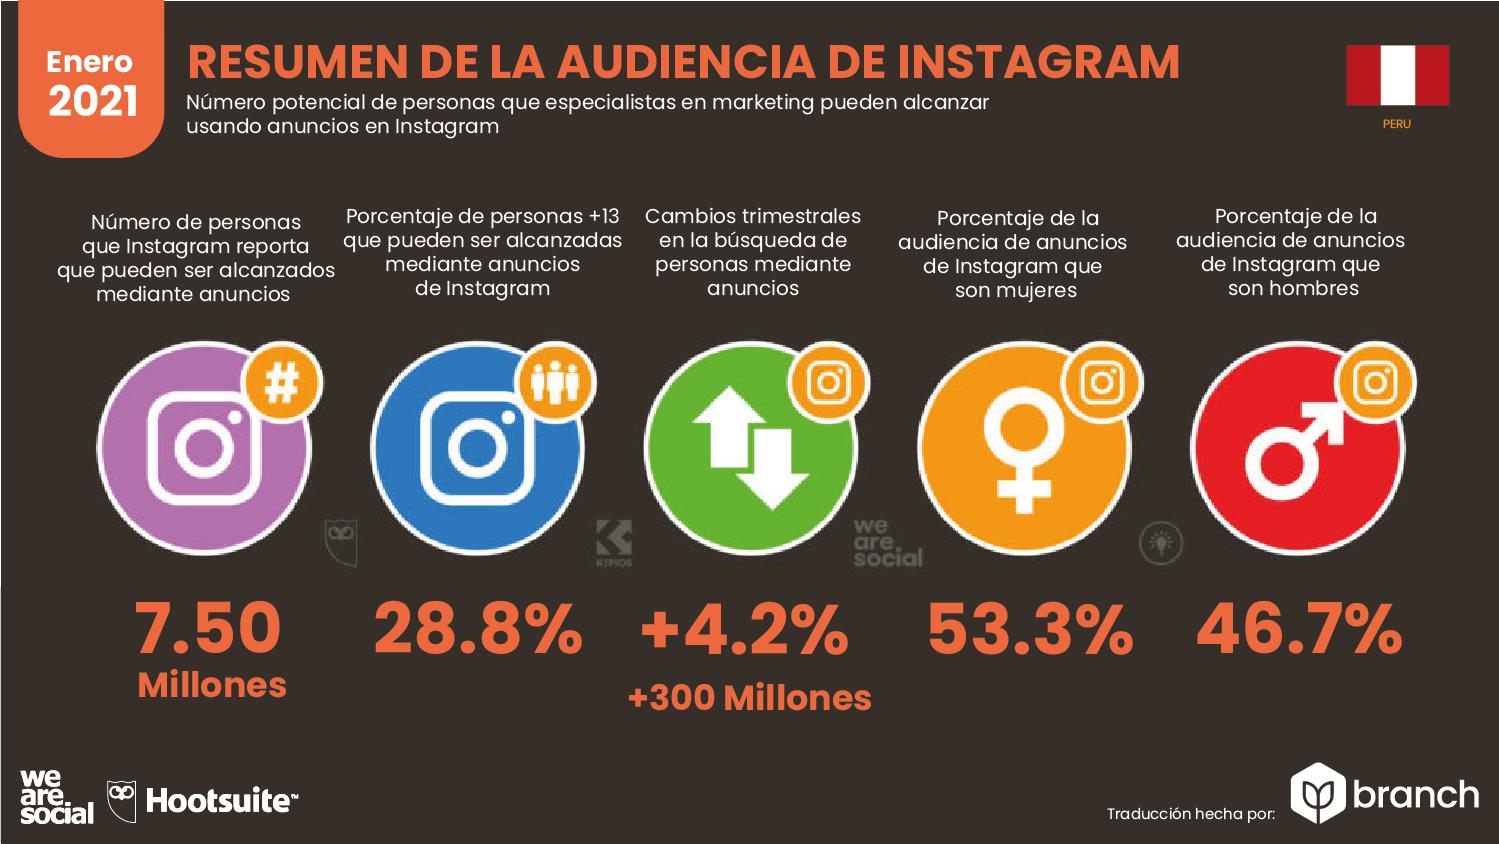 audiencia-de-instagram-en-peru-2020-2021